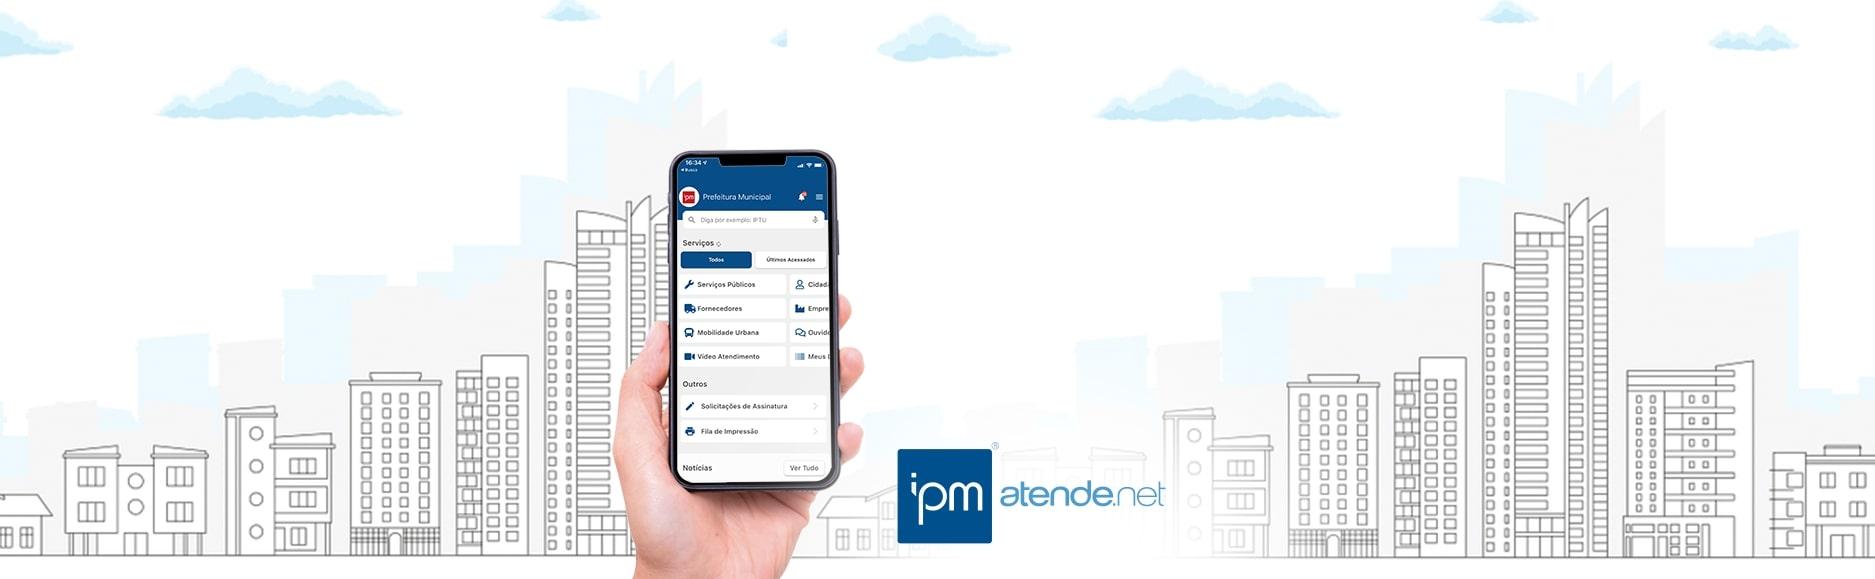 Nove clientes IPM renovam contrato do sistema de gestão pública em julho